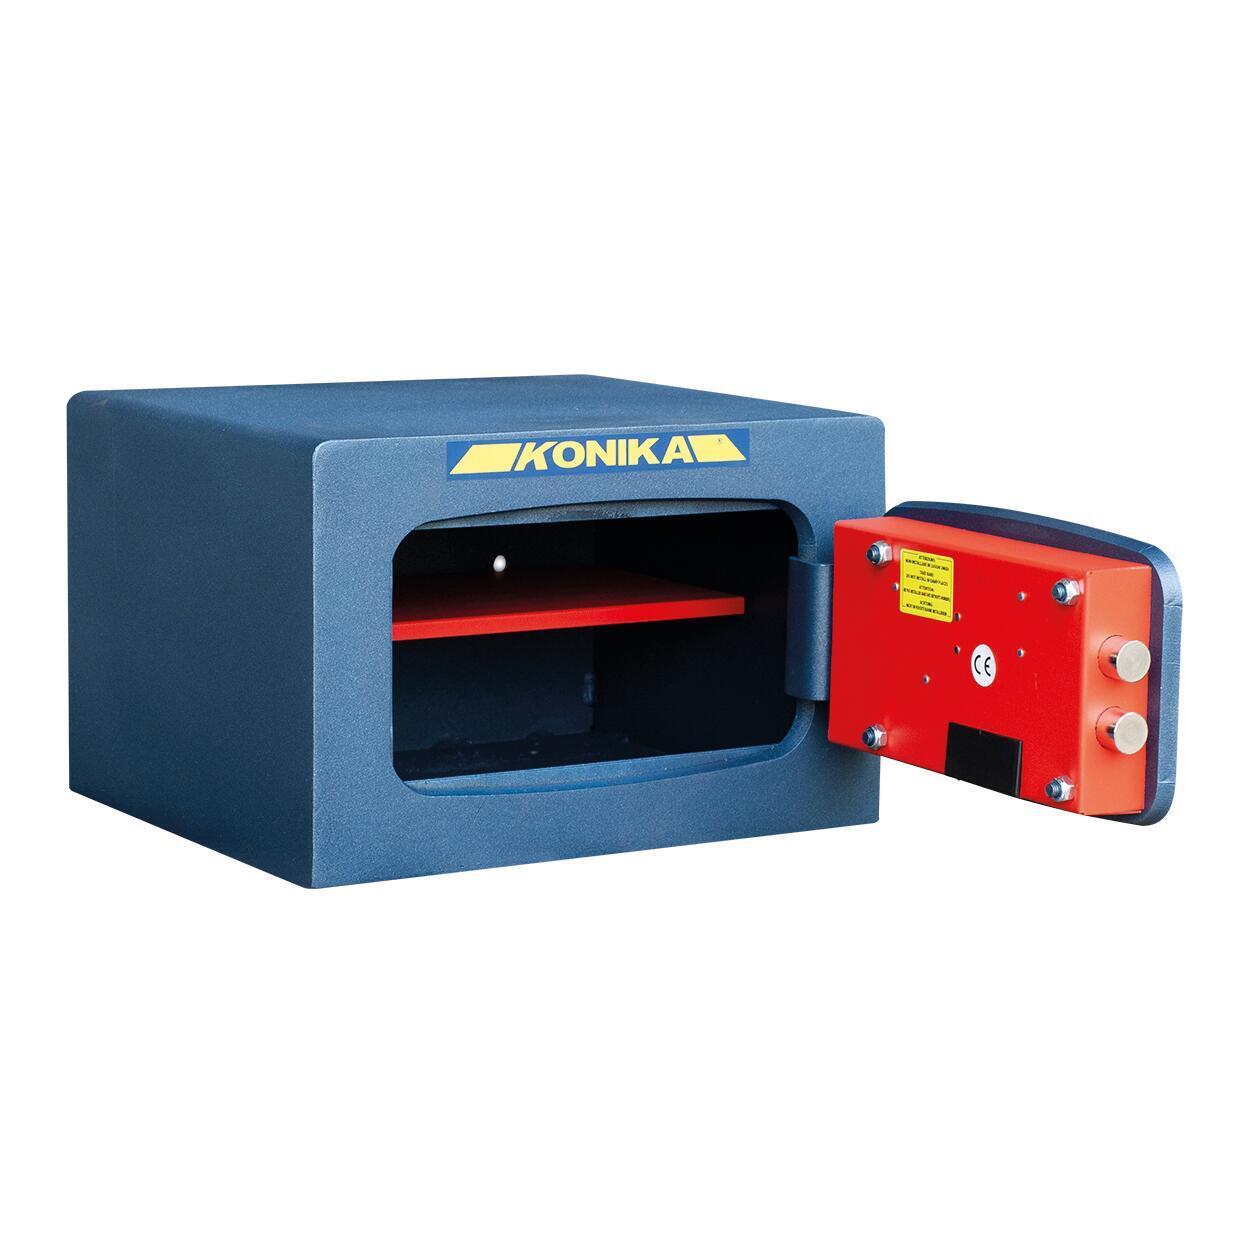 Cassaforte con codice elettronico STARK 3252TK da fissare a parete L 37 x P 32 x H 24 cm - 5